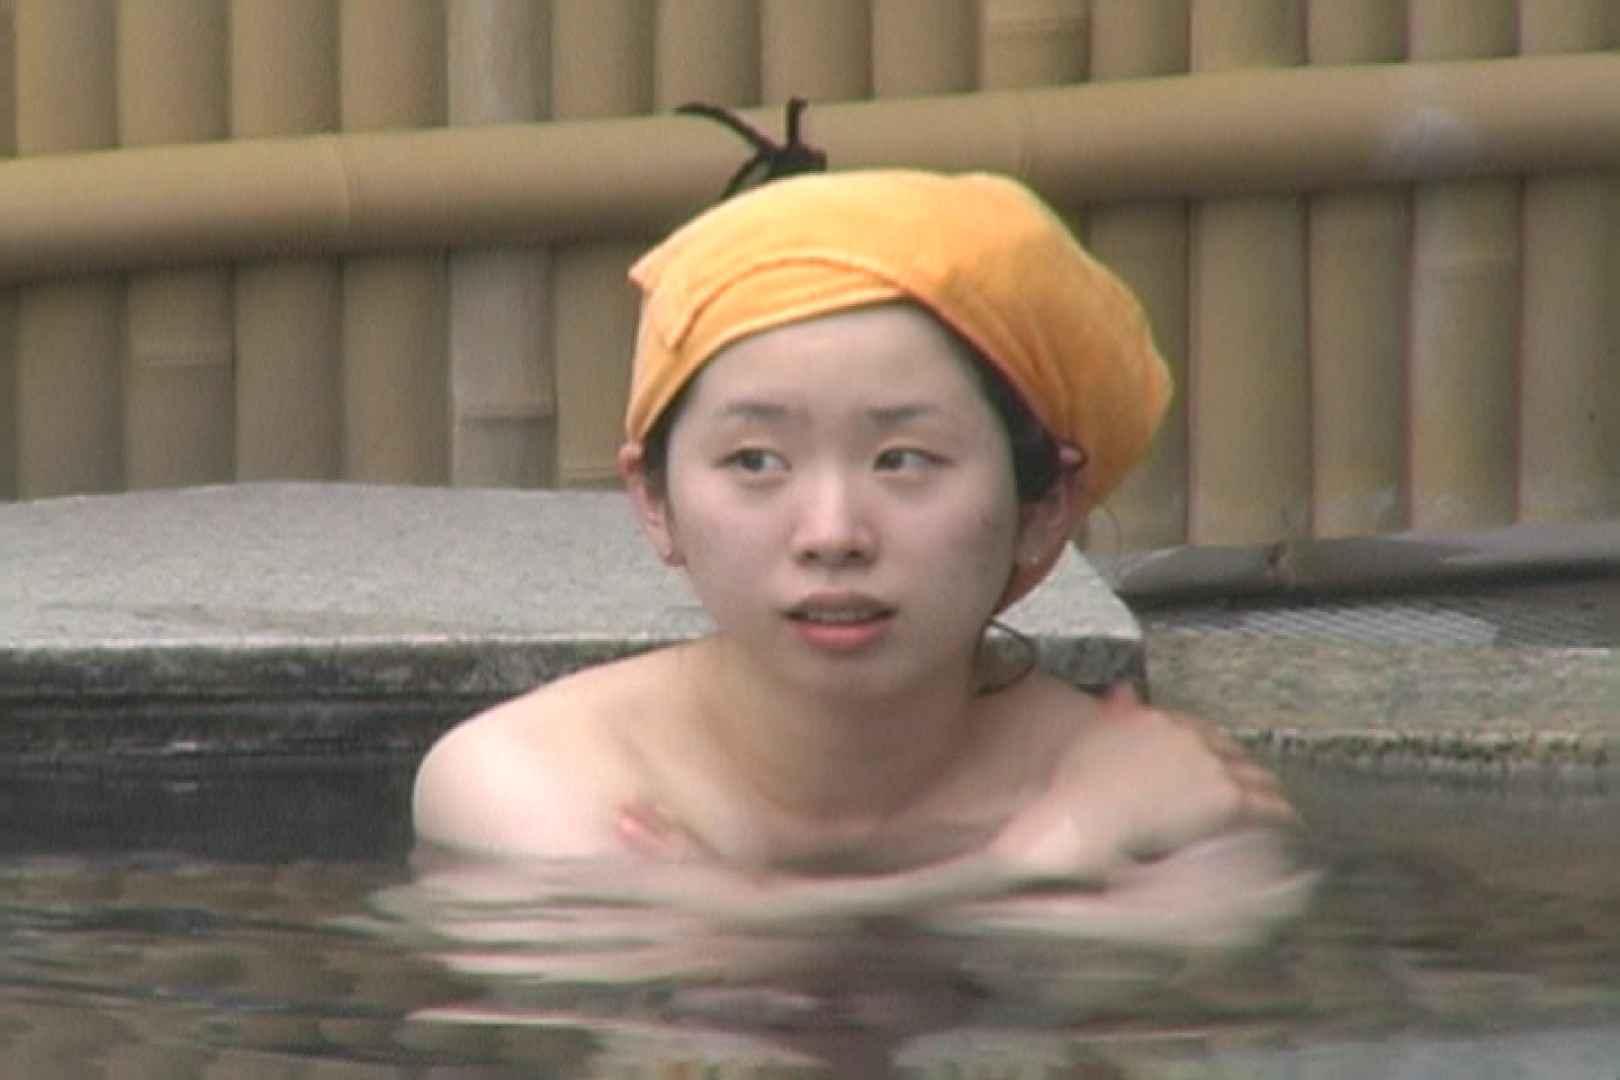 Aquaな露天風呂Vol.641 美しいOLの裸体 隠し撮りオマンコ動画紹介 97pic 32